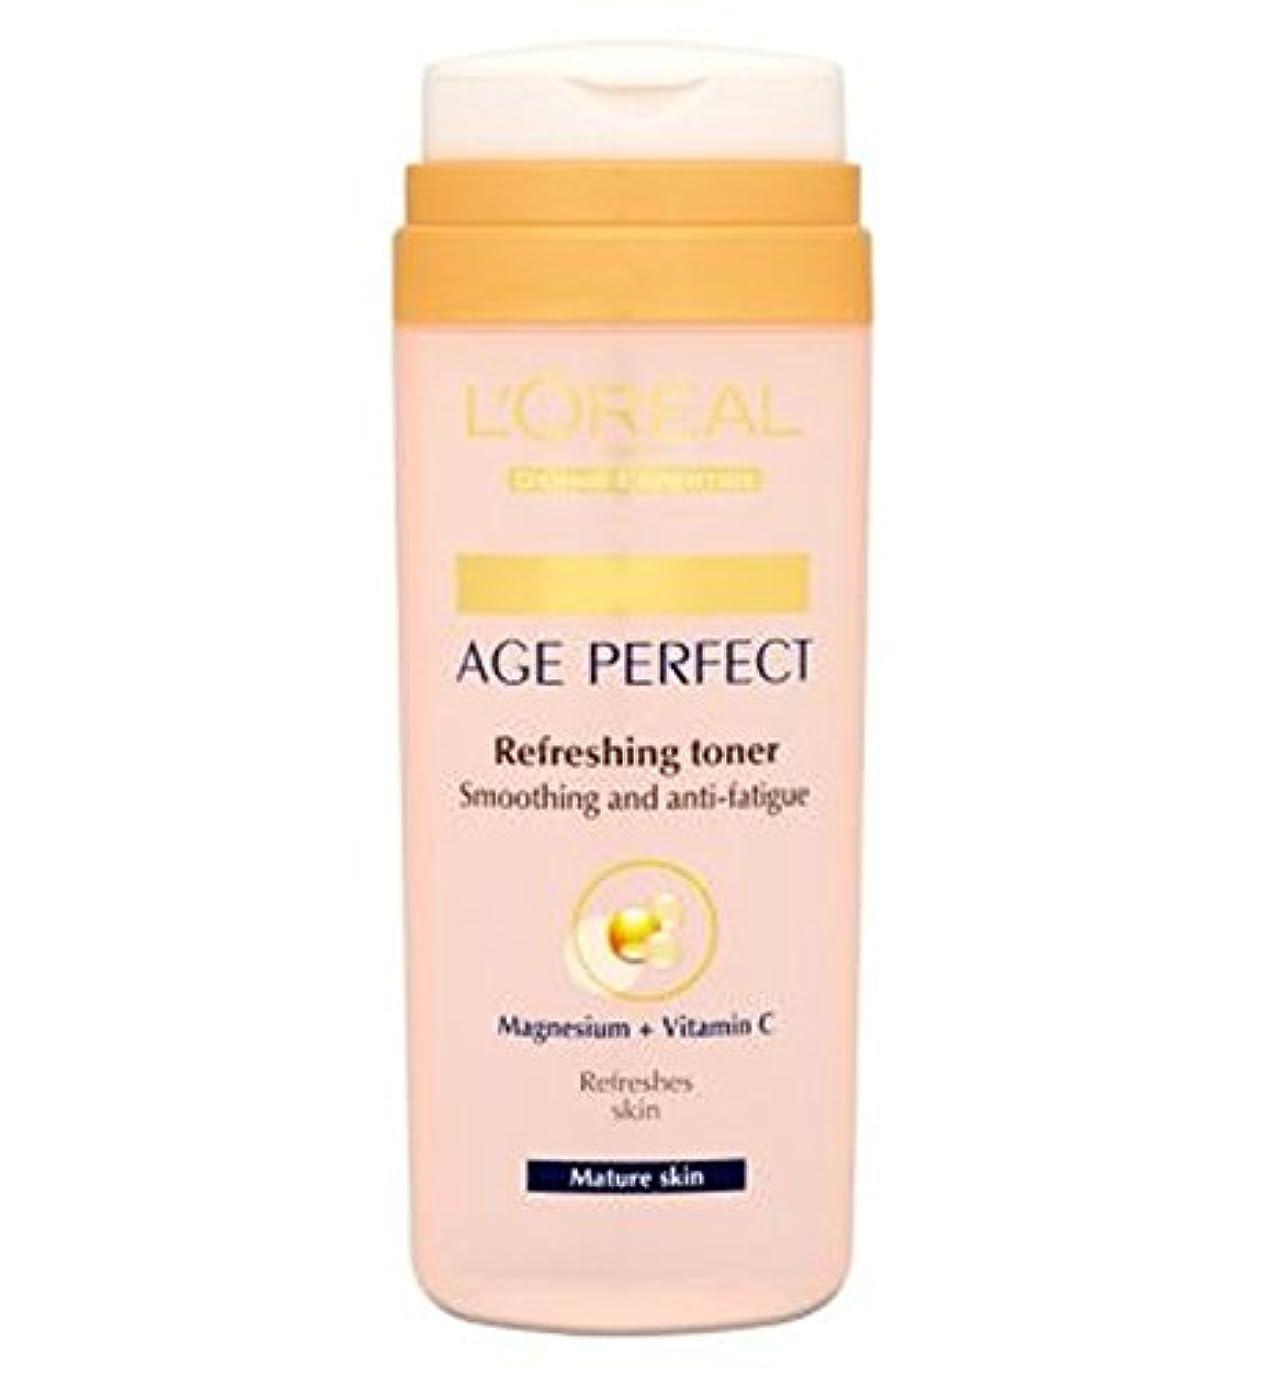 不調和避難するどこL'Oreallパリ真皮専門知識の年齢、完璧なさわやかなトナー成熟肌の200ミリリットル (L'Oreal) (x2) - L'Oreall Paris Dermo-Expertise Age Perfect Refreshing...